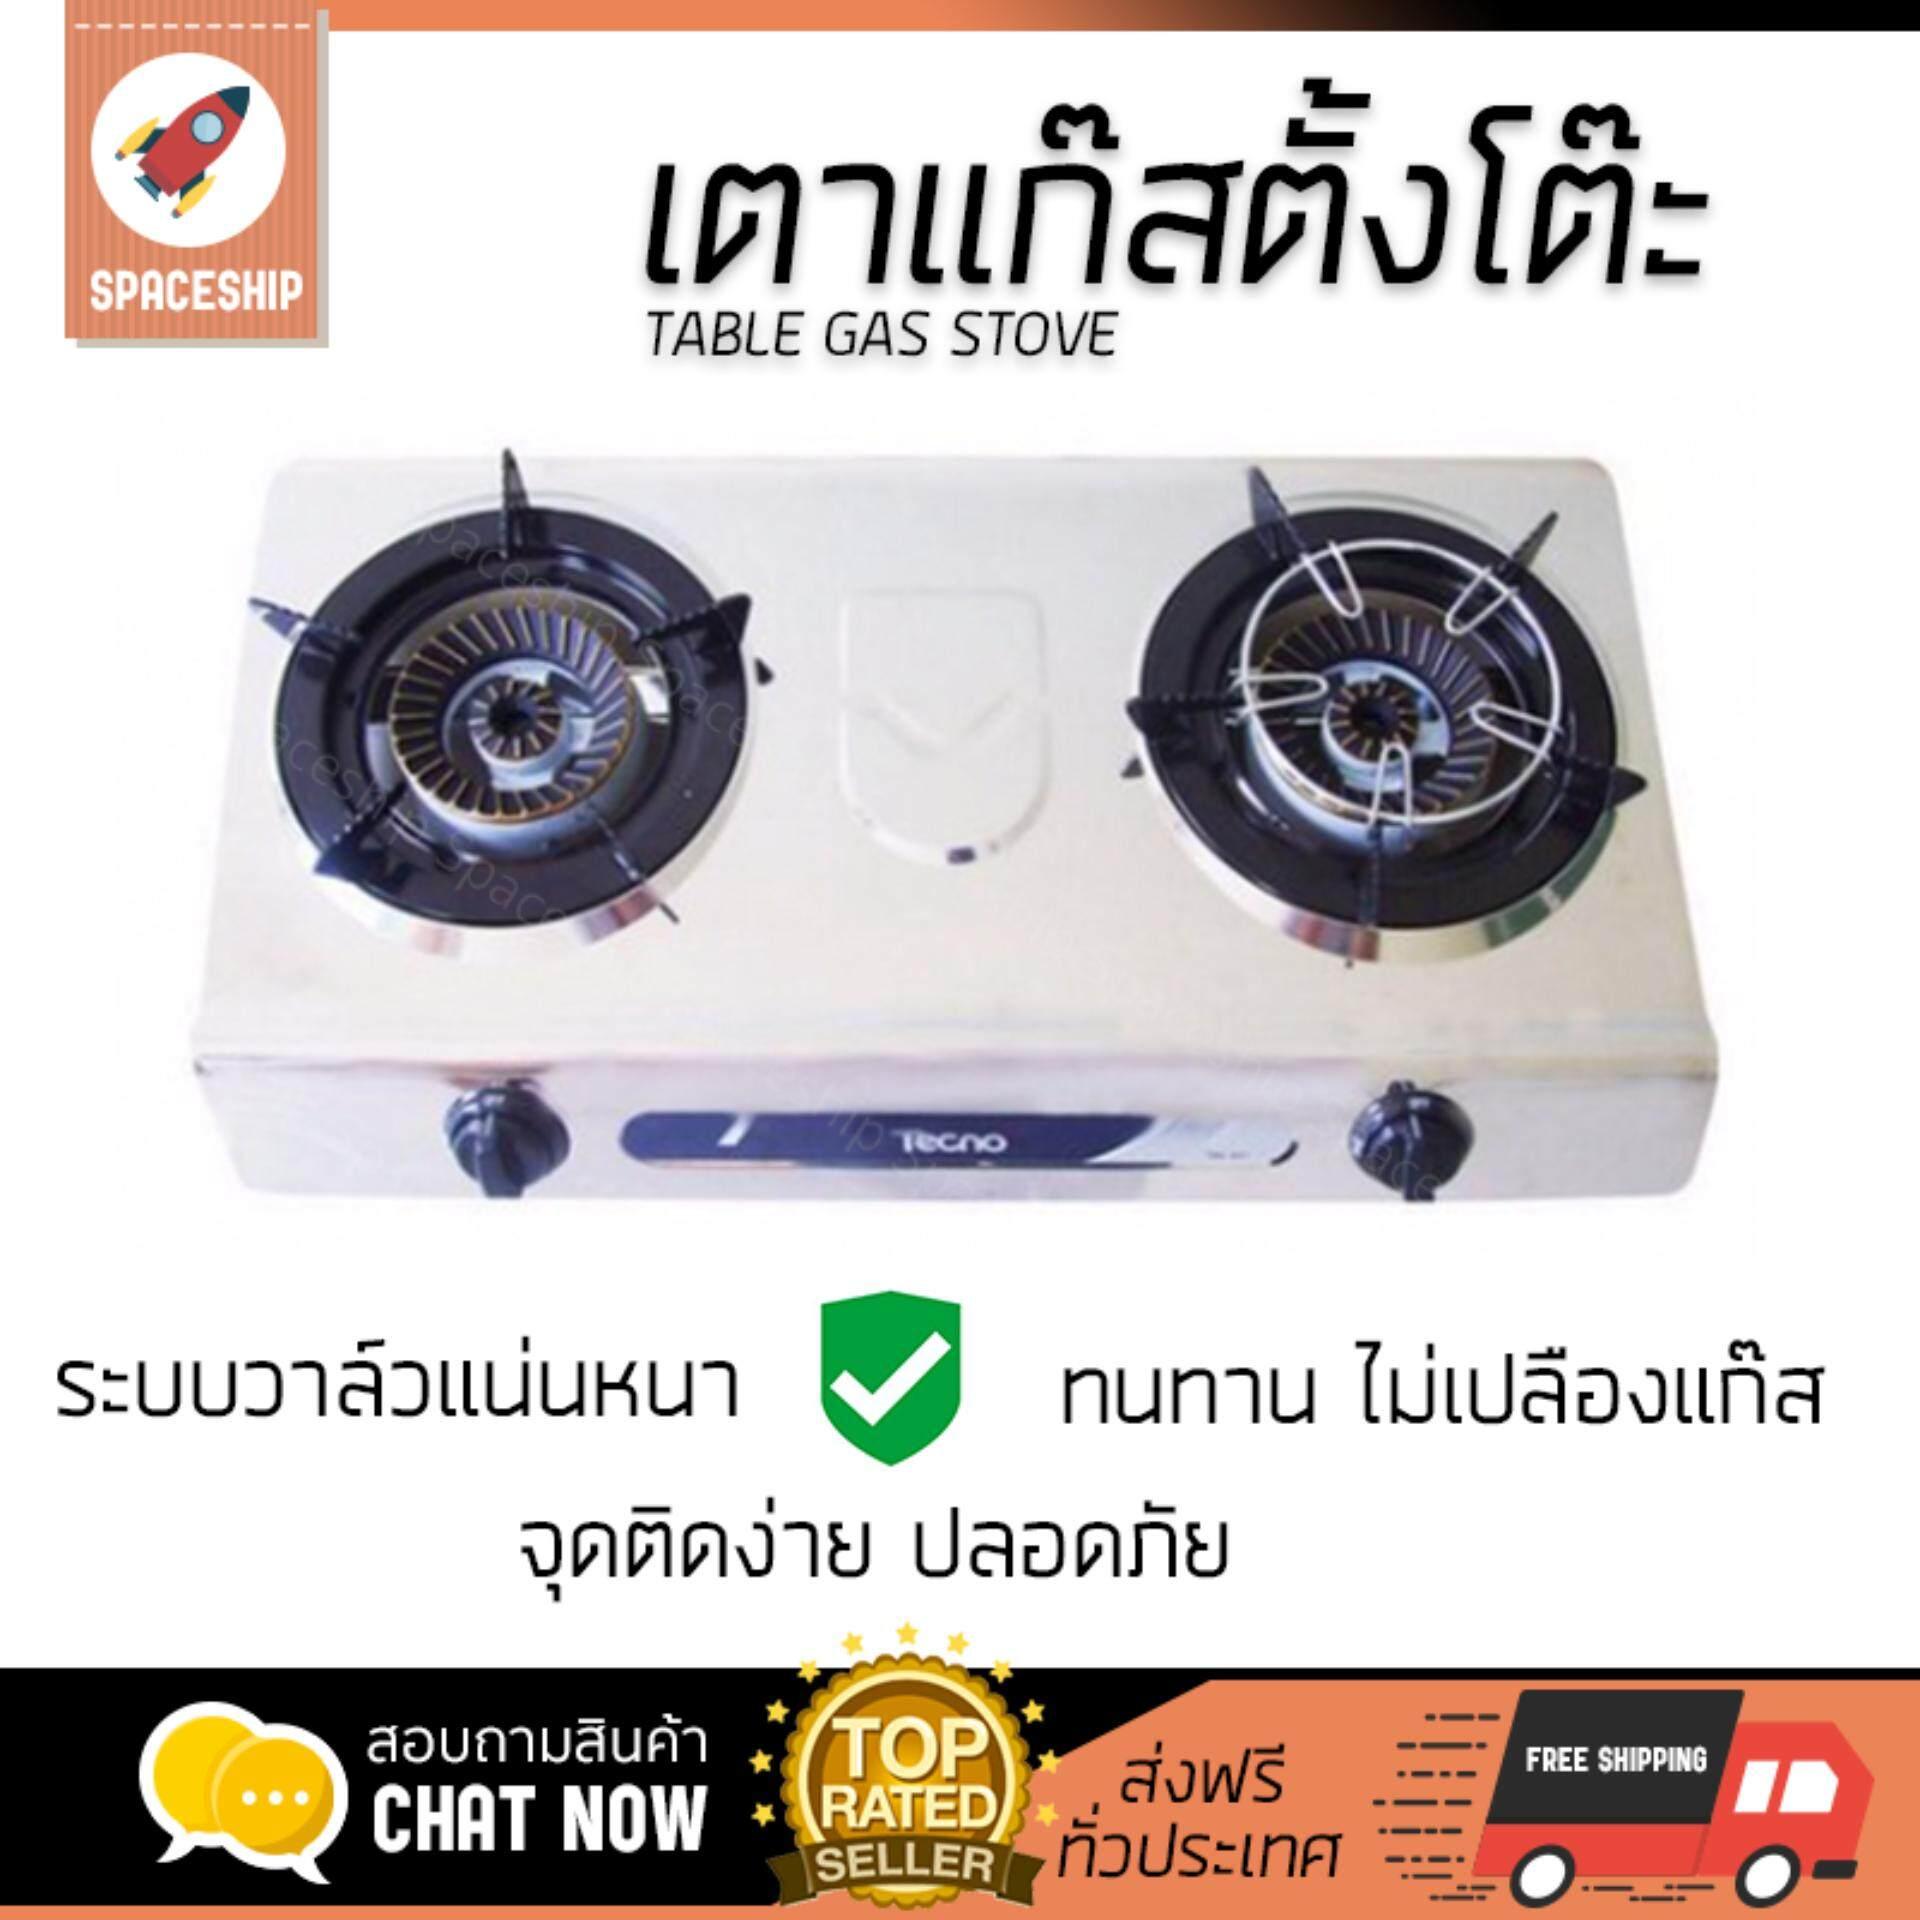 เตาแก๊ส 1 หัว และ เตาแก๊ส 2 หัว เตาแก๊ส ตั้งโต๊ะ 2G TECNOSTAR TNSG01 เตาทนความร้อนสูงได้สูง เคลือกกันสนิมอย่างดี ปรับความร้อนได้หลายระดับ มีมาตรฐาน มอก รองรับ หัวเตาแก๊ส จัดส่งฟรี Table Gas Stove